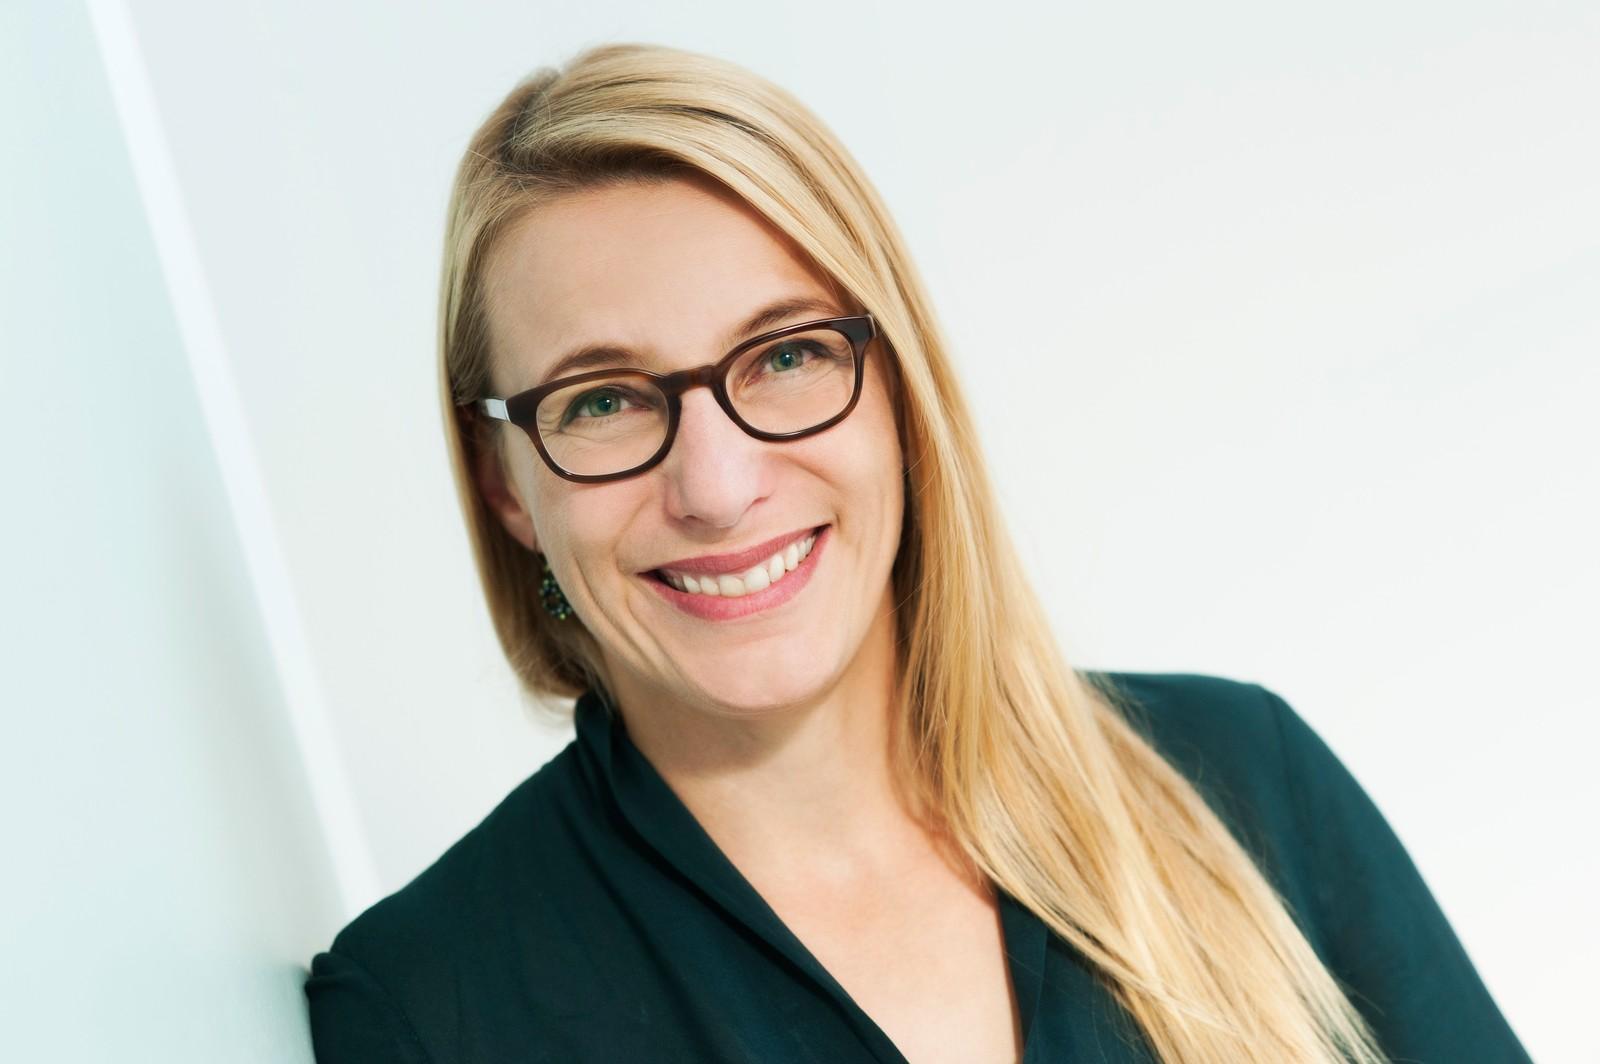 Silke Weinig ist Trainerin, Coach und Bloggerin für Selbstmanagement. Sie berät zu Themen wie Selbststärkung, Potenzialentfaltung, Kommunikation und Konfliktmanagement.